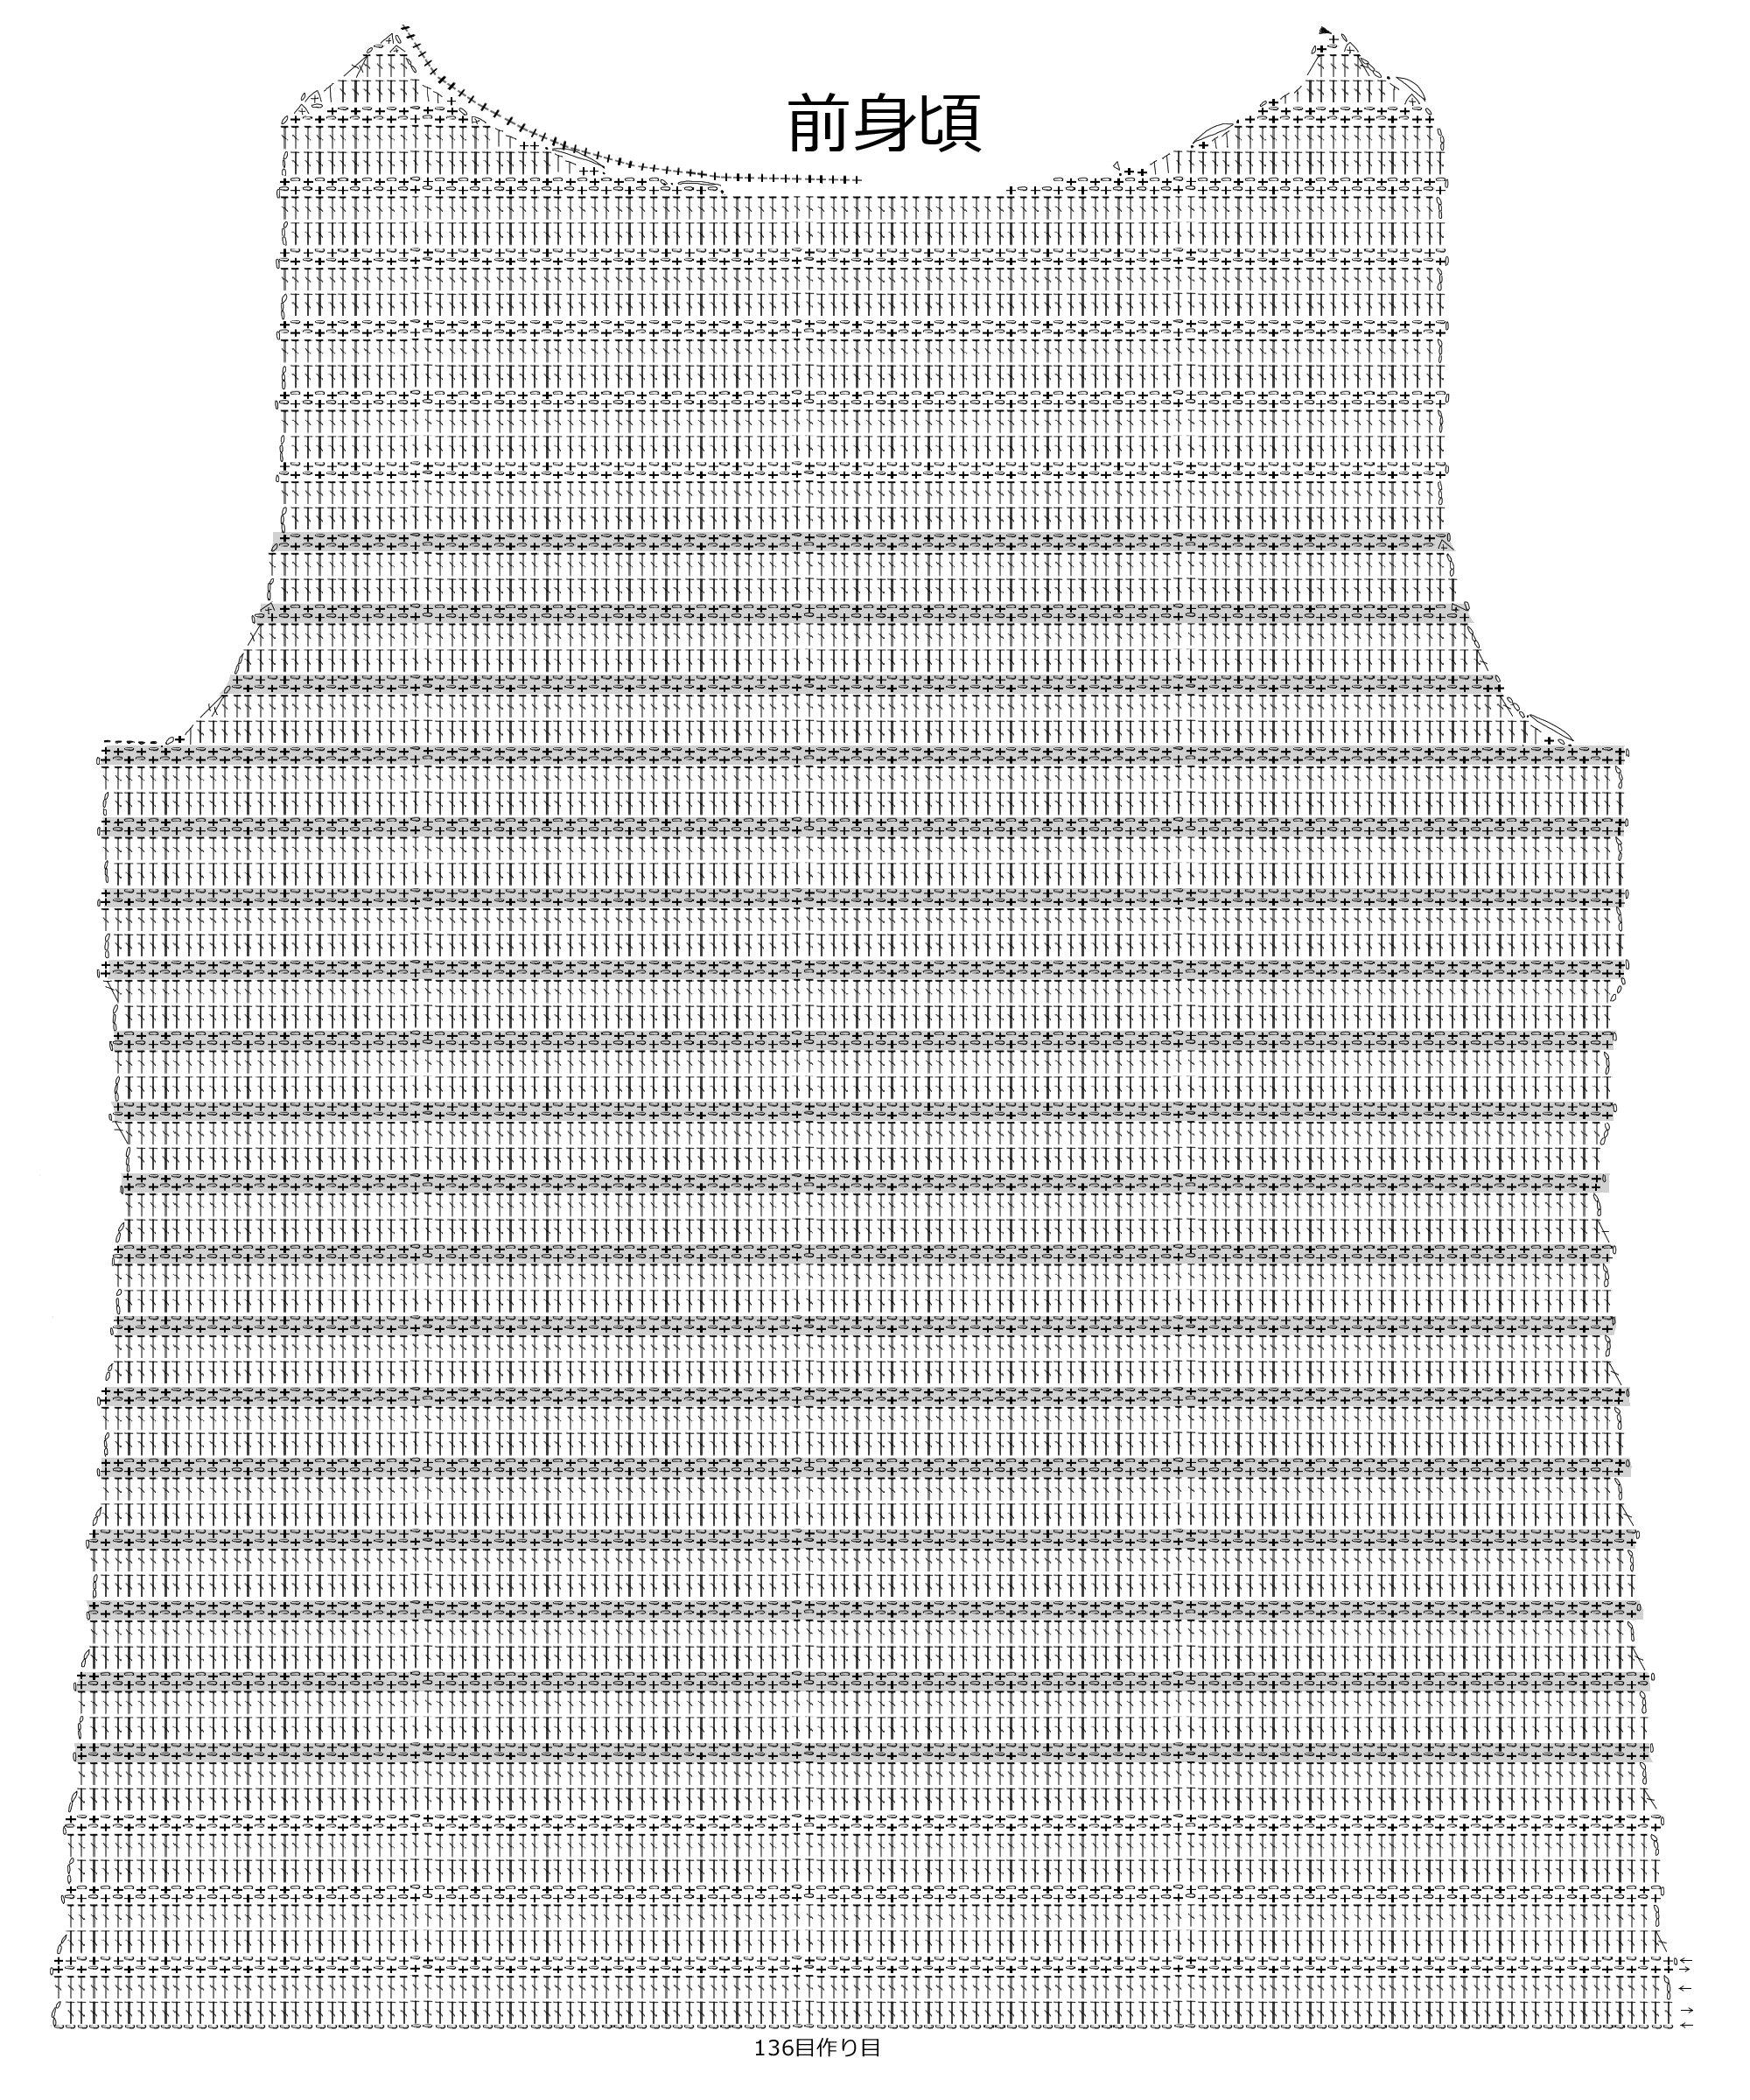 ボーダープルオーバー編み図F